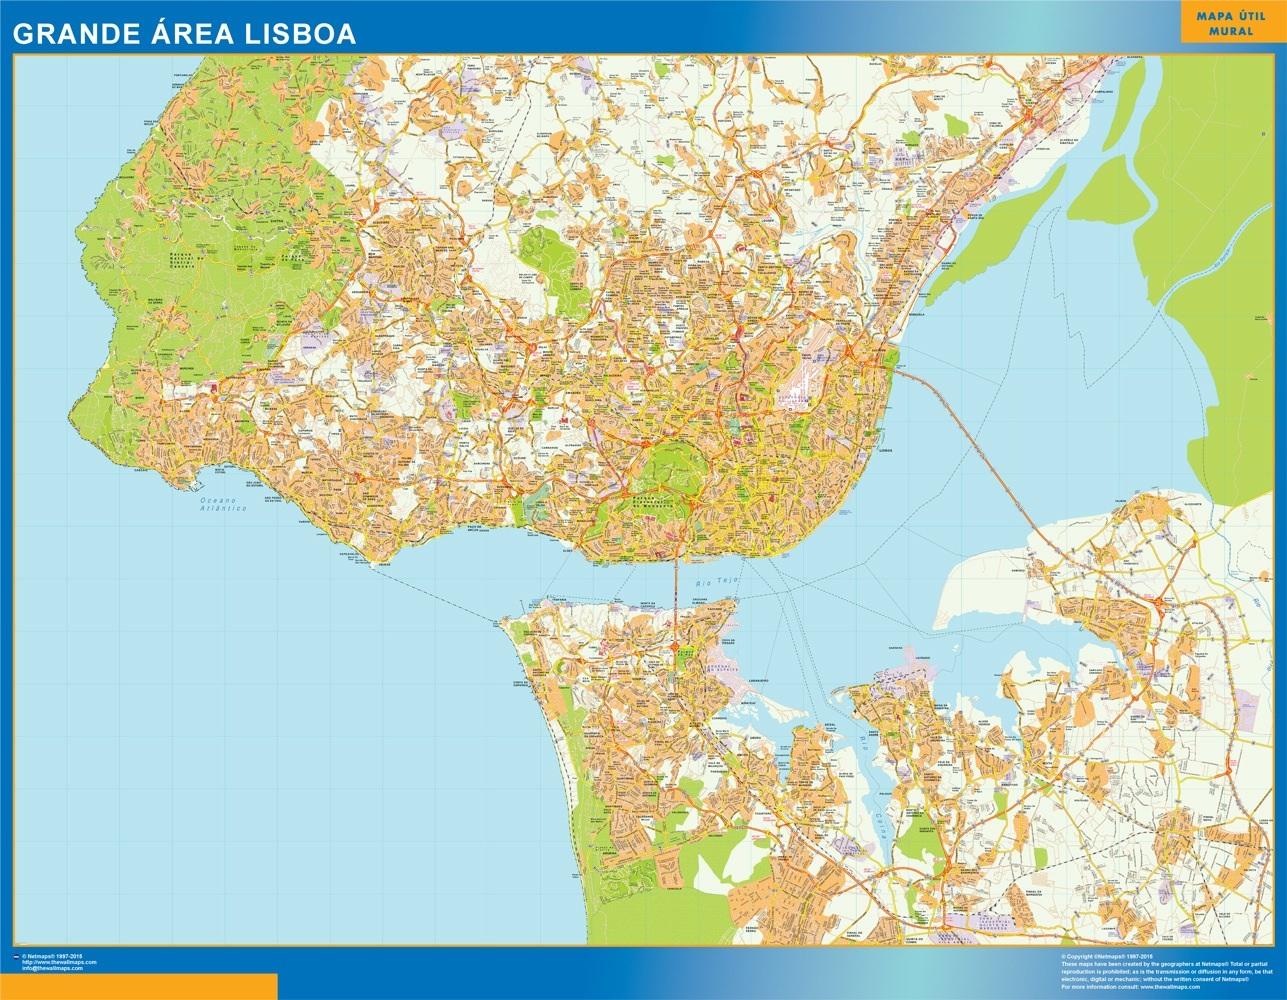 mapa grande lisboa Grande Area Lisboa mapa | A vector eps maps designed by our  mapa grande lisboa